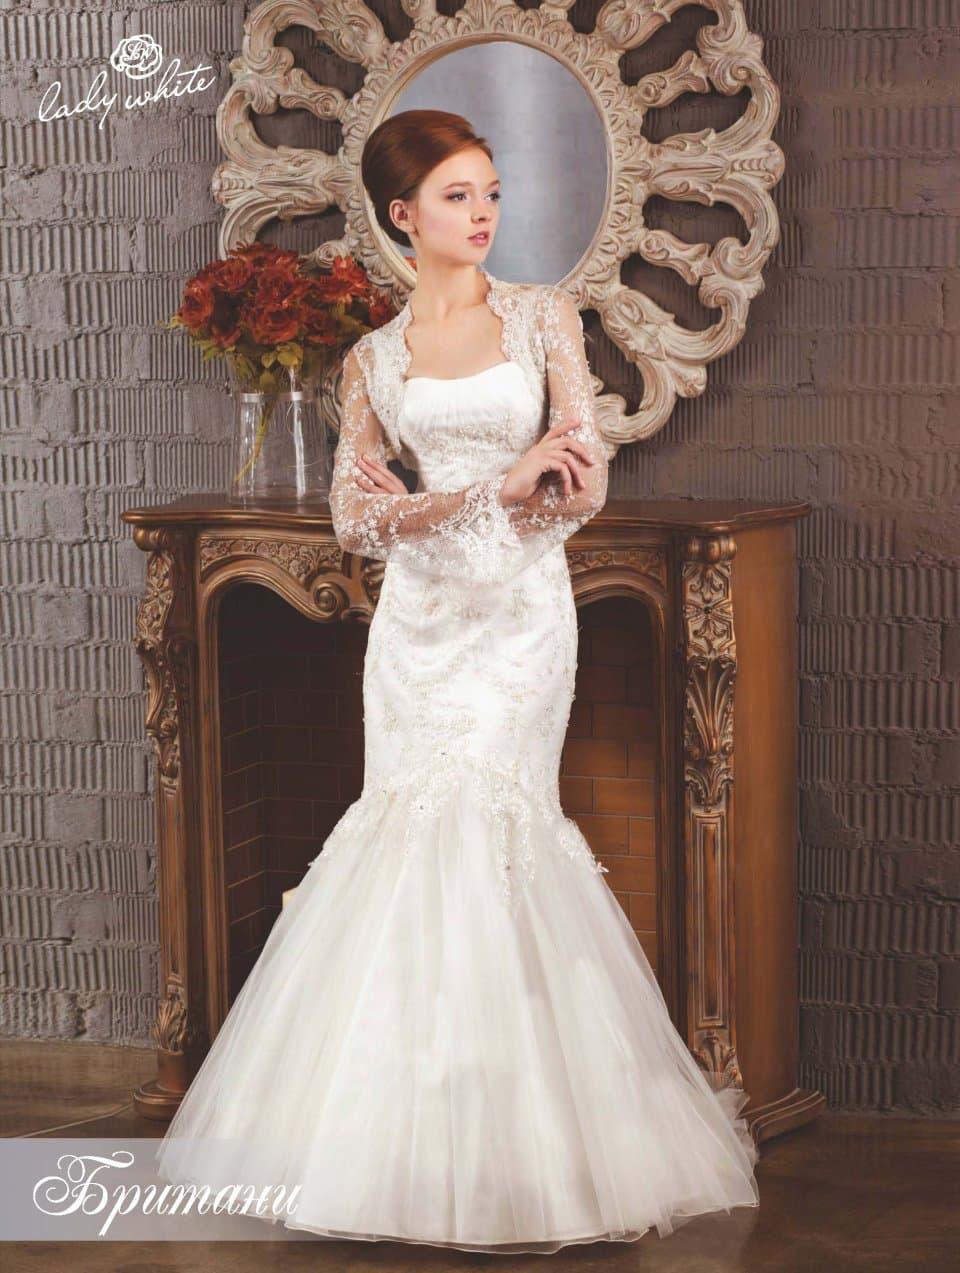 41834e5c8d8 Свадебное платье Lady White Британи ▷ Свадебный Торговый Центр Вега ...